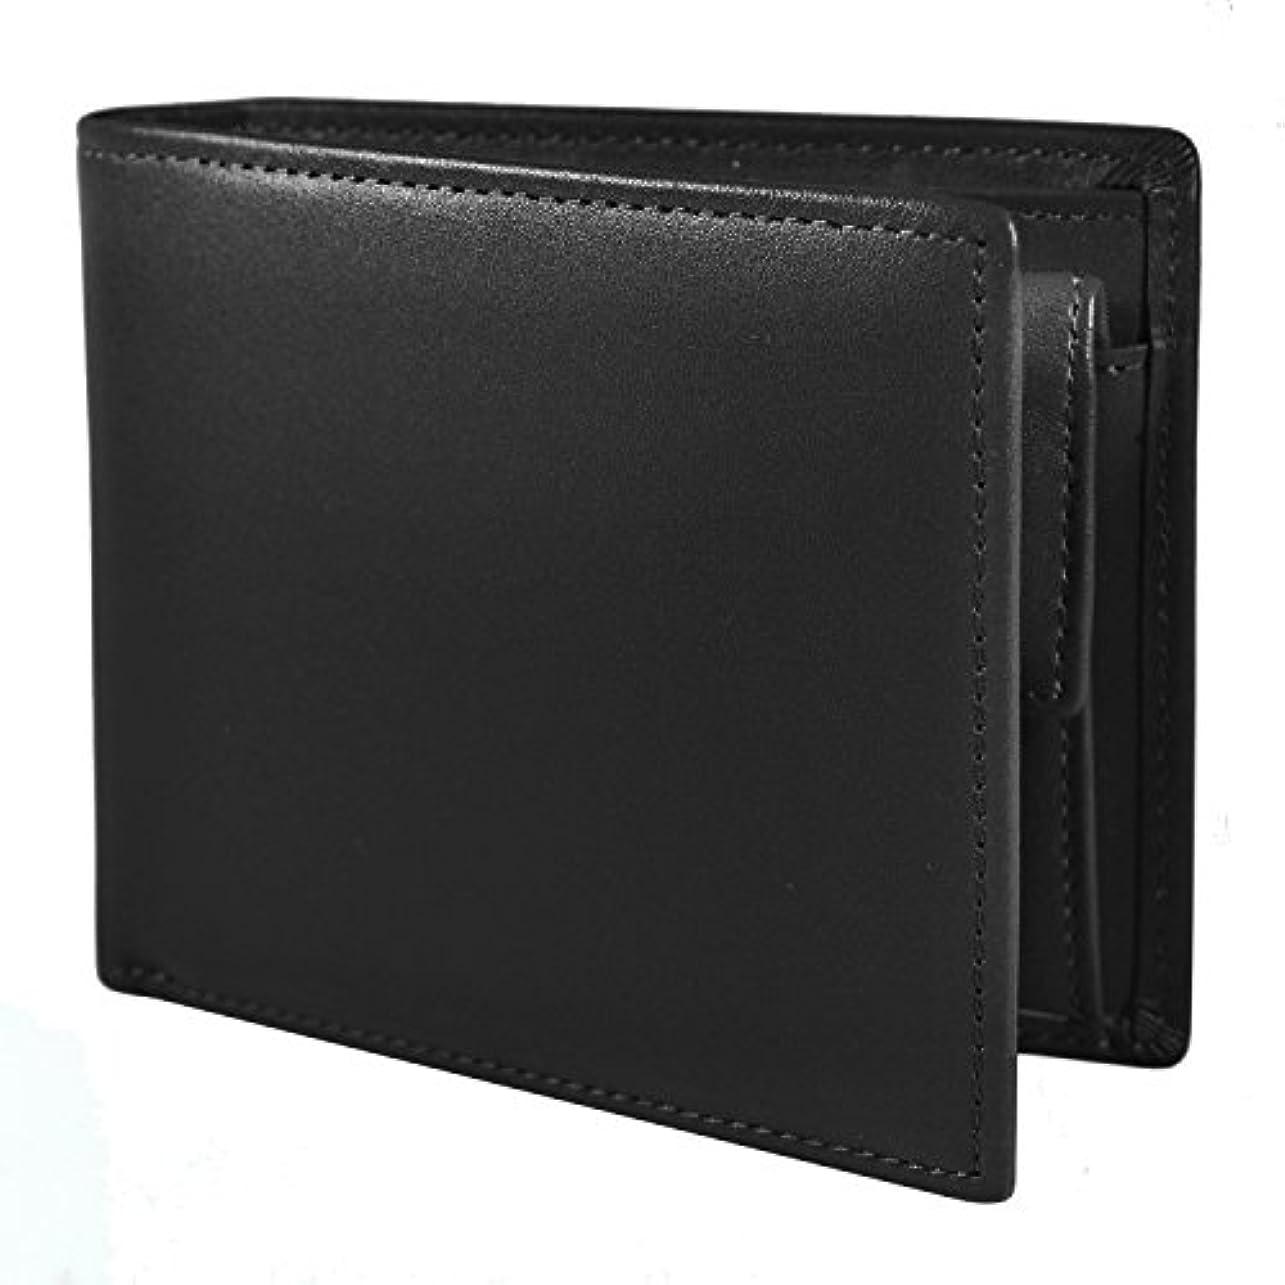 幾分リビングルーム指定するSKAWA RENON 二つ折り財布 財布 メンズ 本革 レザー 小銭入れ カード収納 化粧箱入り ビジネス 高品質 プレゼント